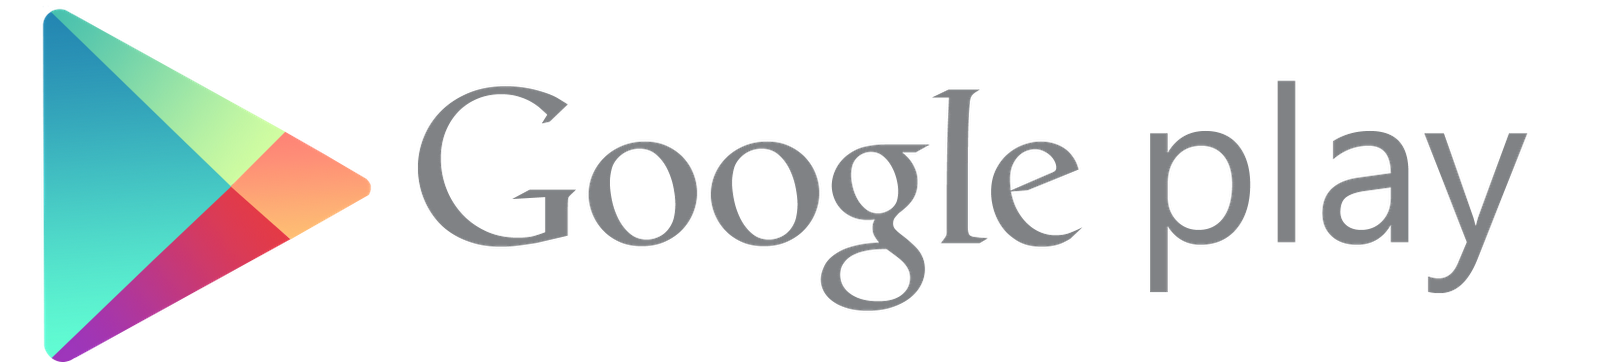 Google play консоль под - f644